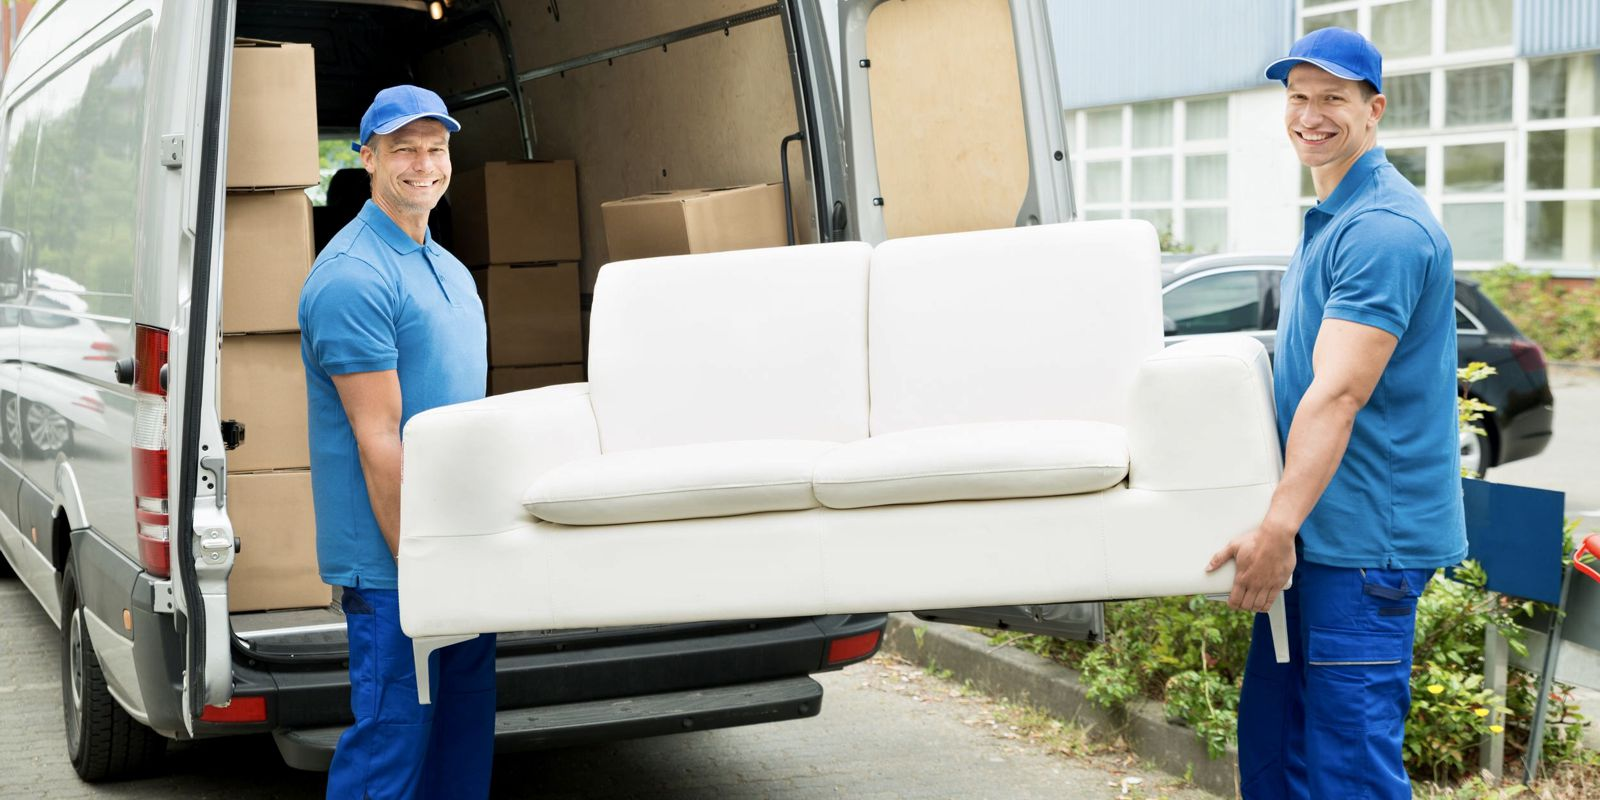 Przeprowadzki małe i duże ,Usługi transportowe, Transport mebli z wniesieniem.